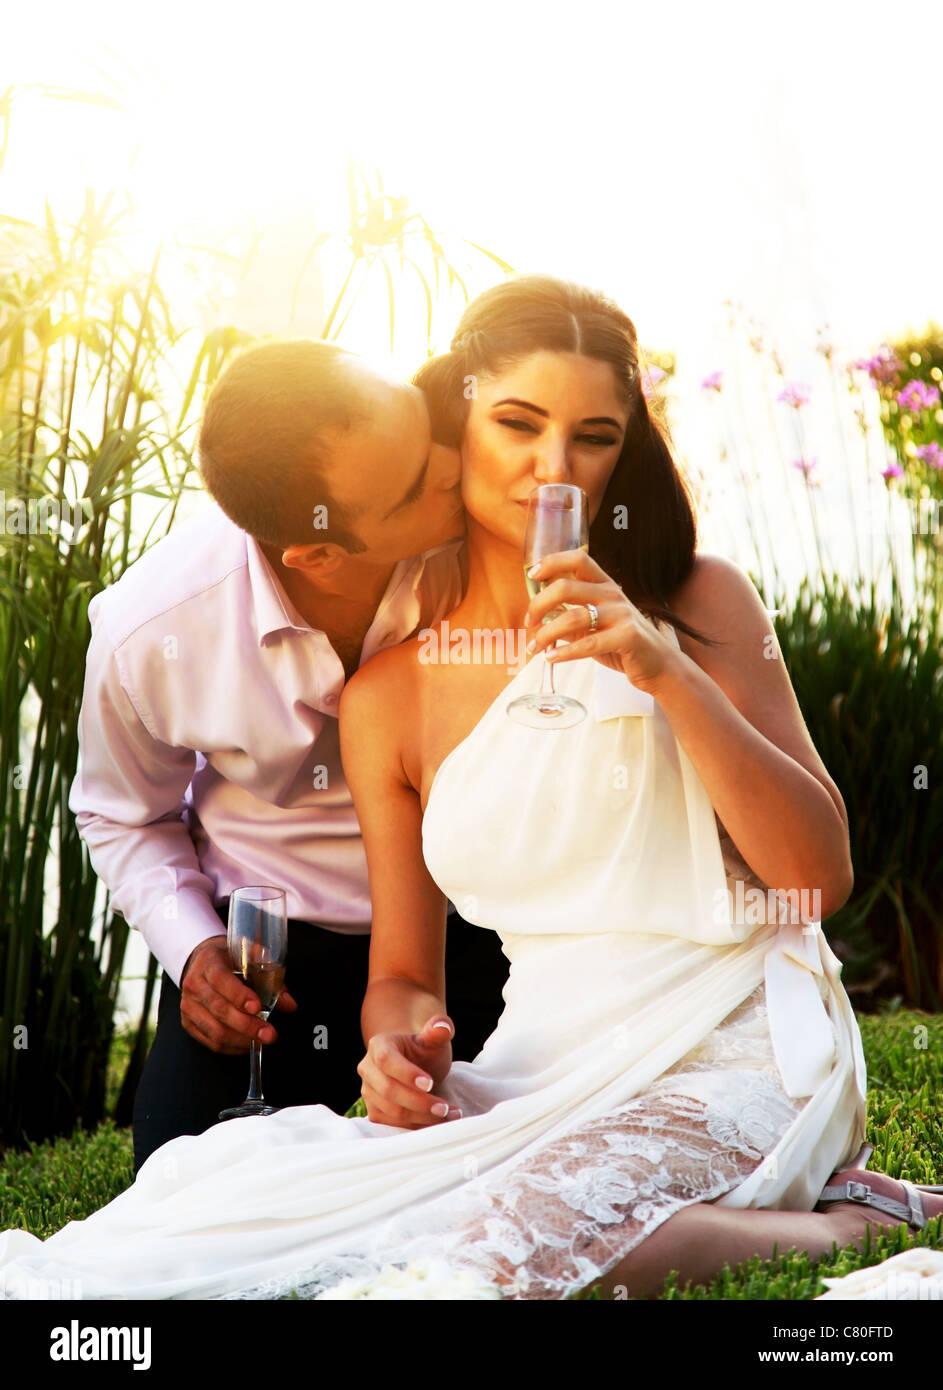 Felice coppia giovane kissing all'aperto, giorno di nozze Immagini Stock